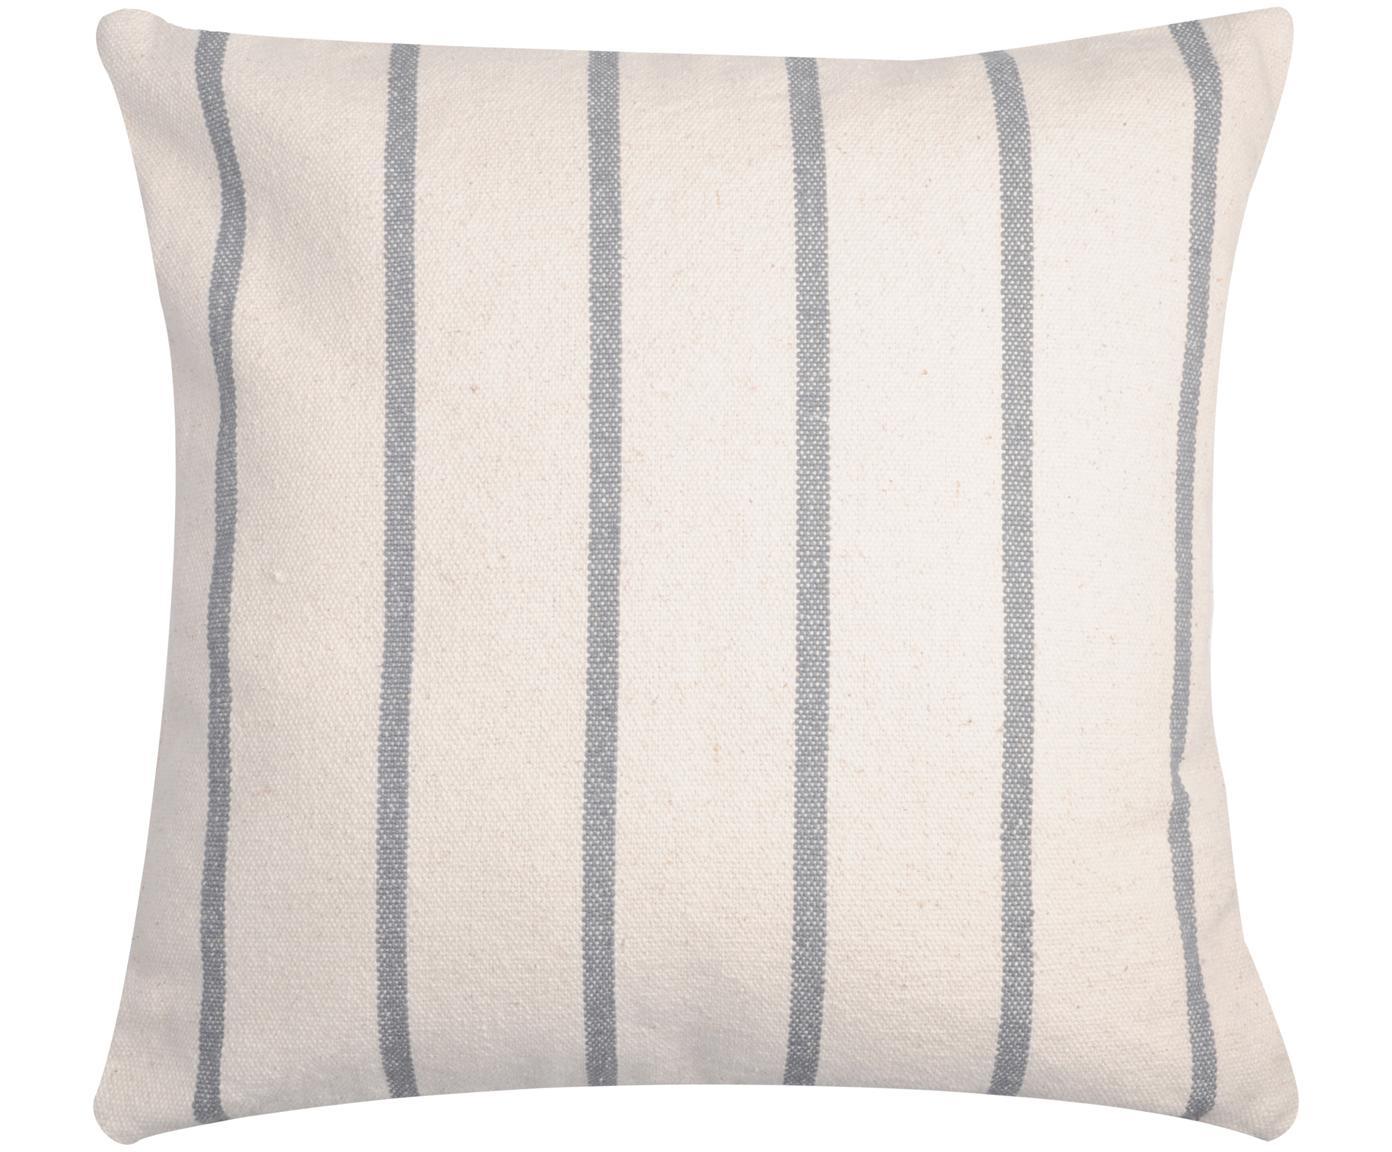 Gestreept kussen Pampelonne, met vulling, Bekleding: 100% katoen, Antraciet, gebroken wit, 50 x 50 cm